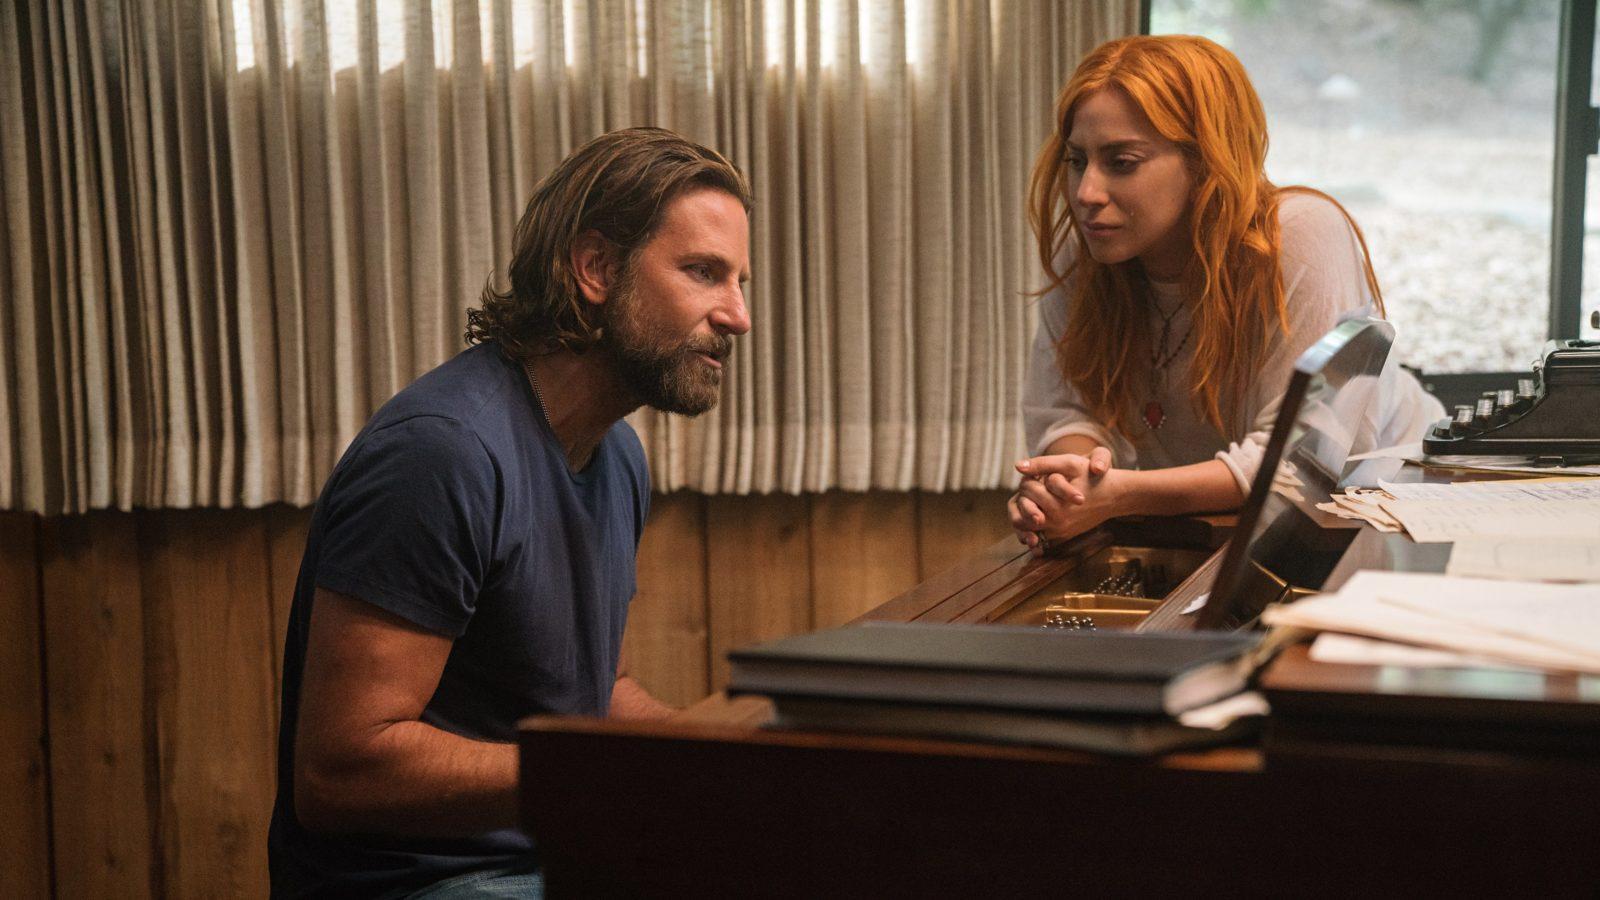 """Filmszene aus """"A Star is Born"""": Bradley Cooper am Klavier, Lady Gaga lauscht dem Gesang"""